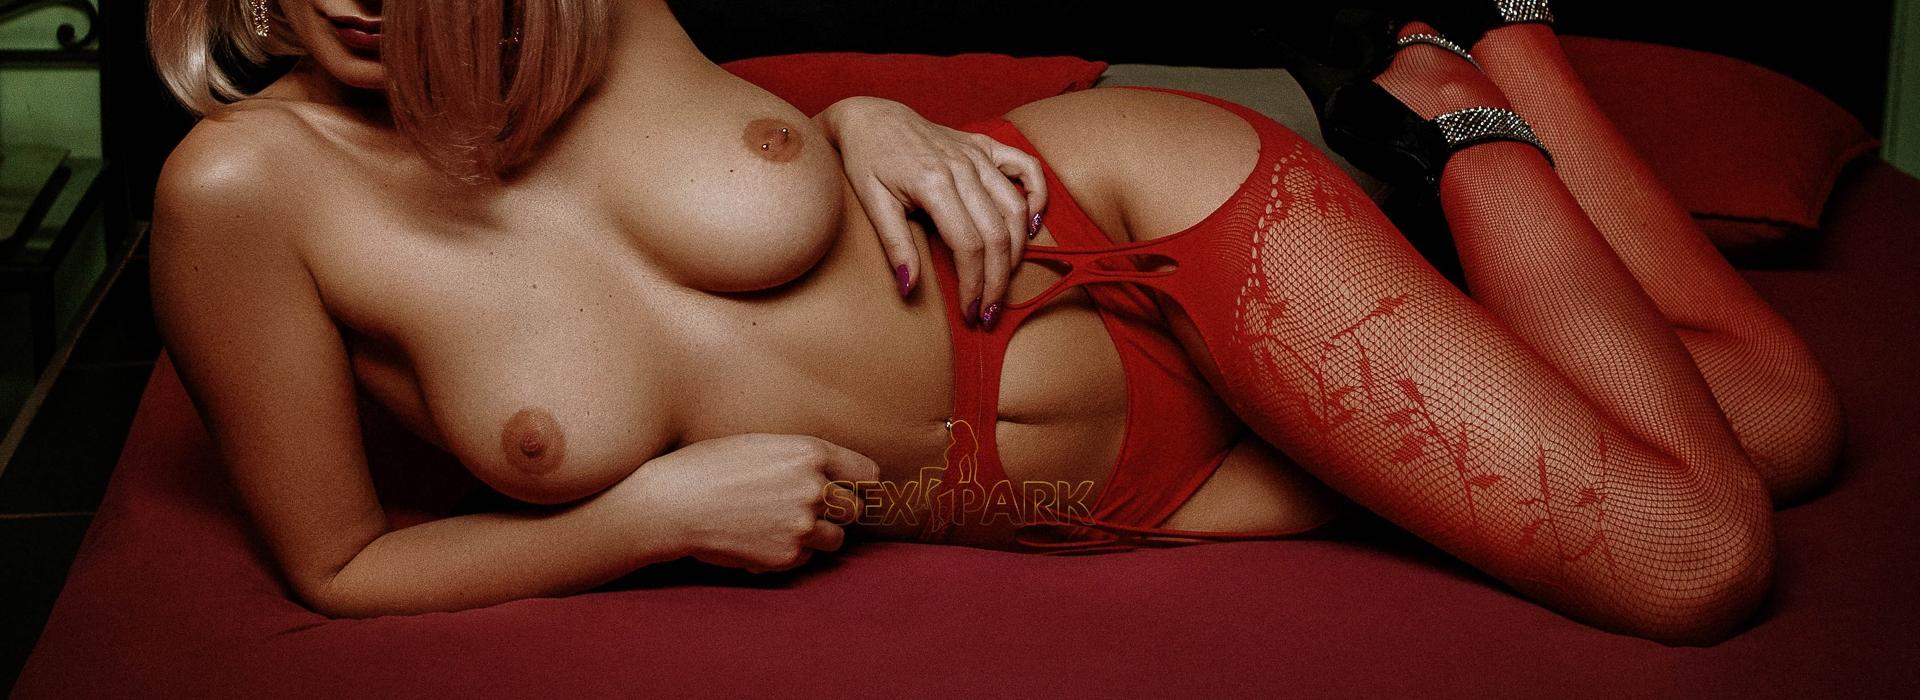 Lejla background photo